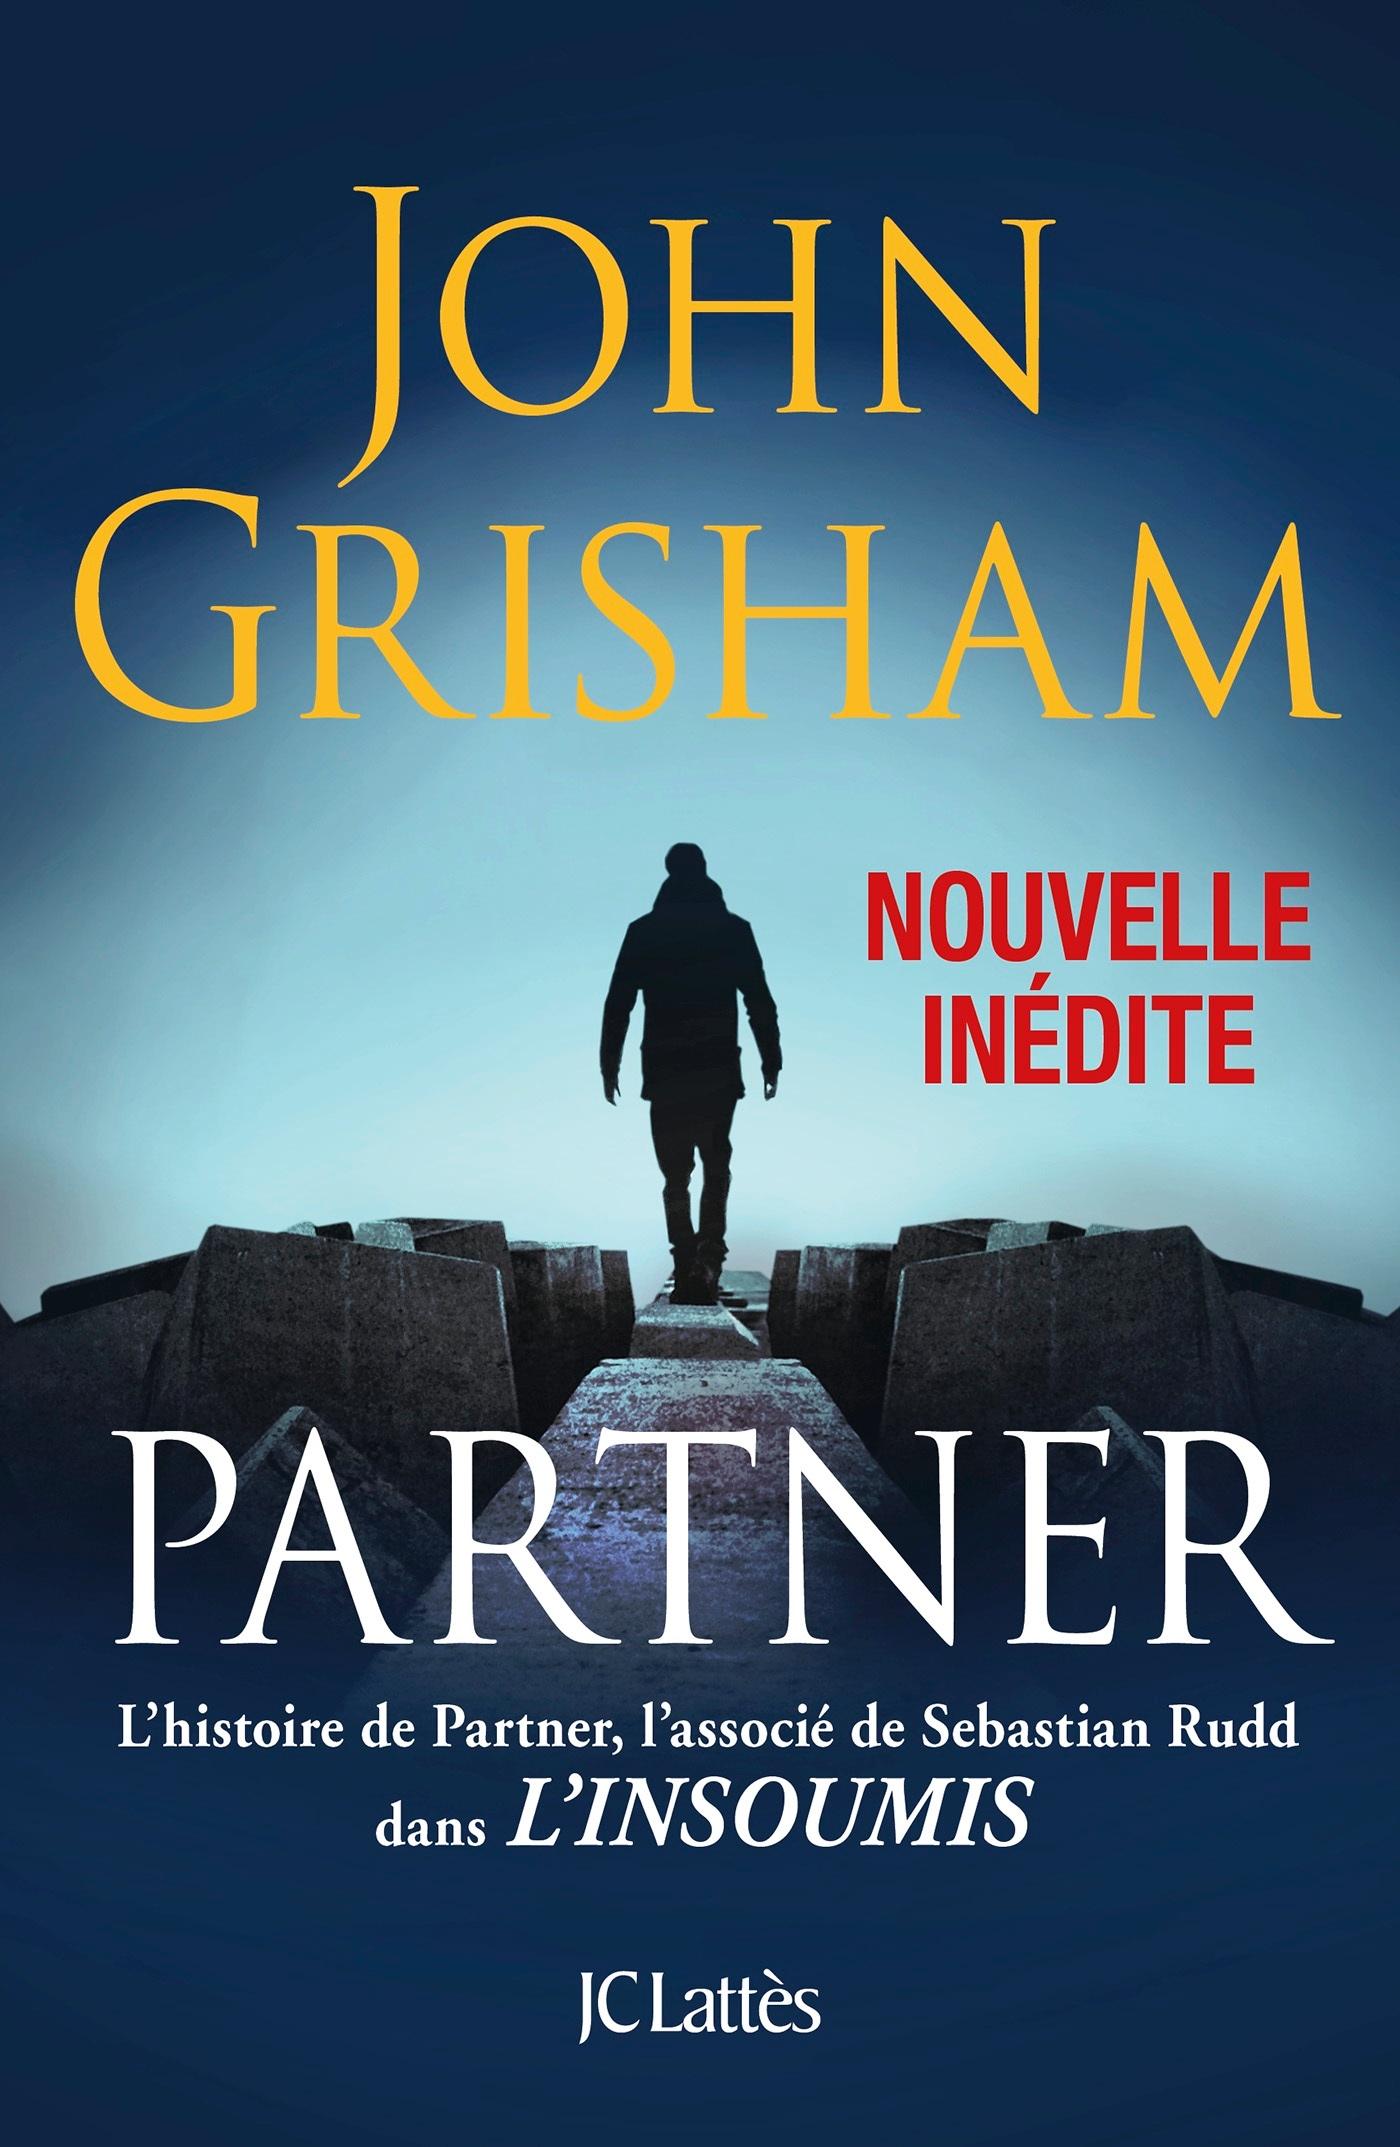 Partner - Une nouvelle inédite